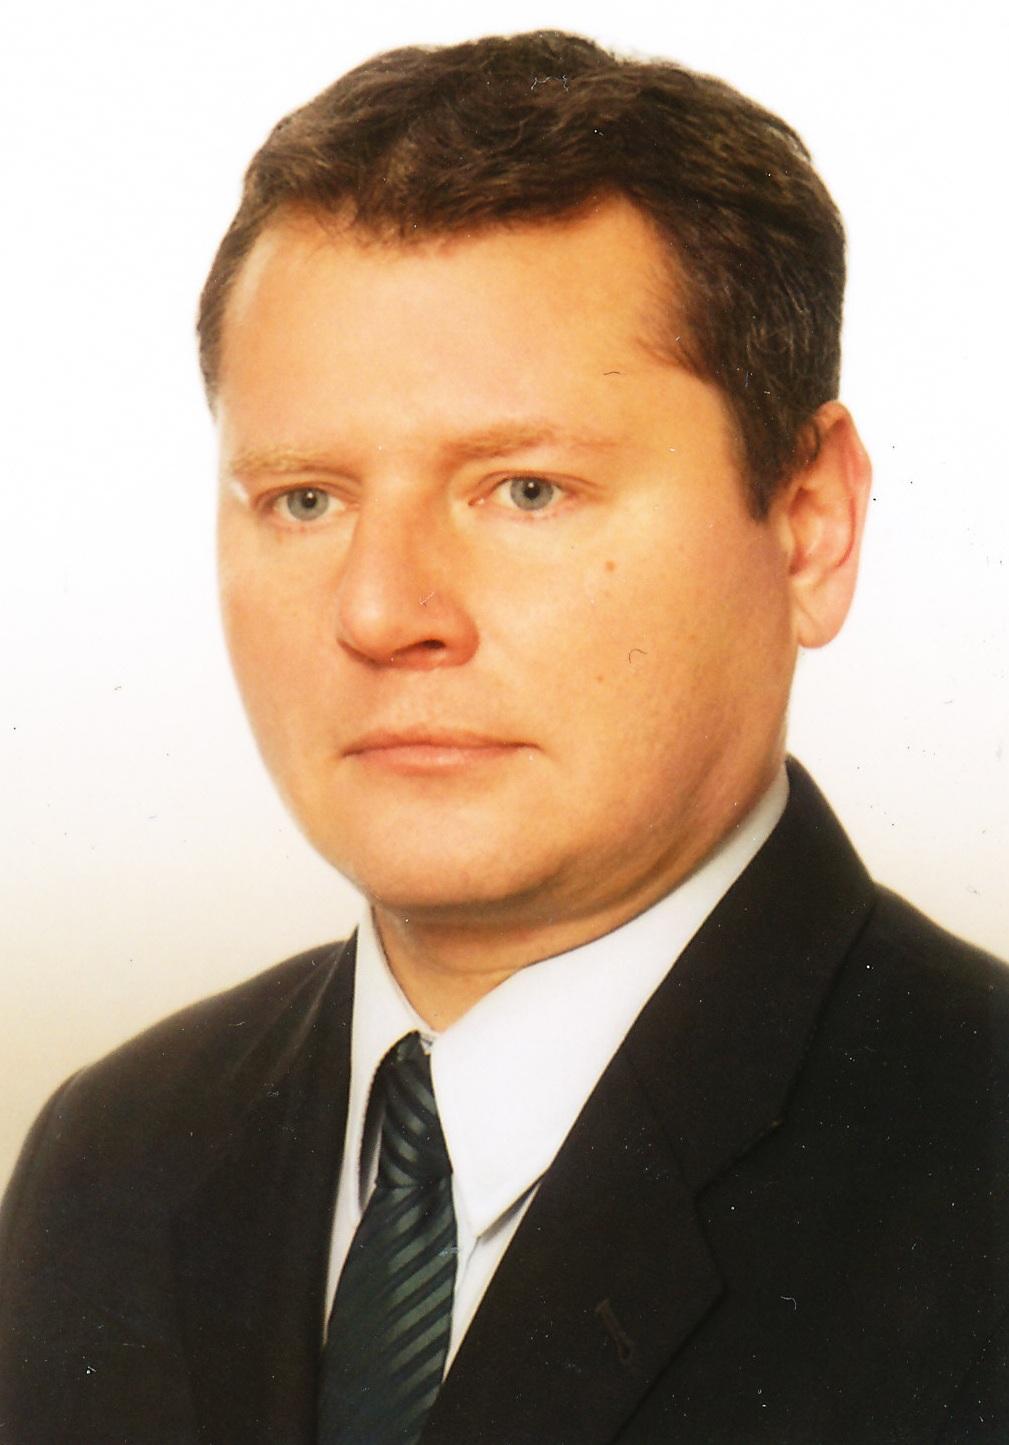 jakub-rydzewski